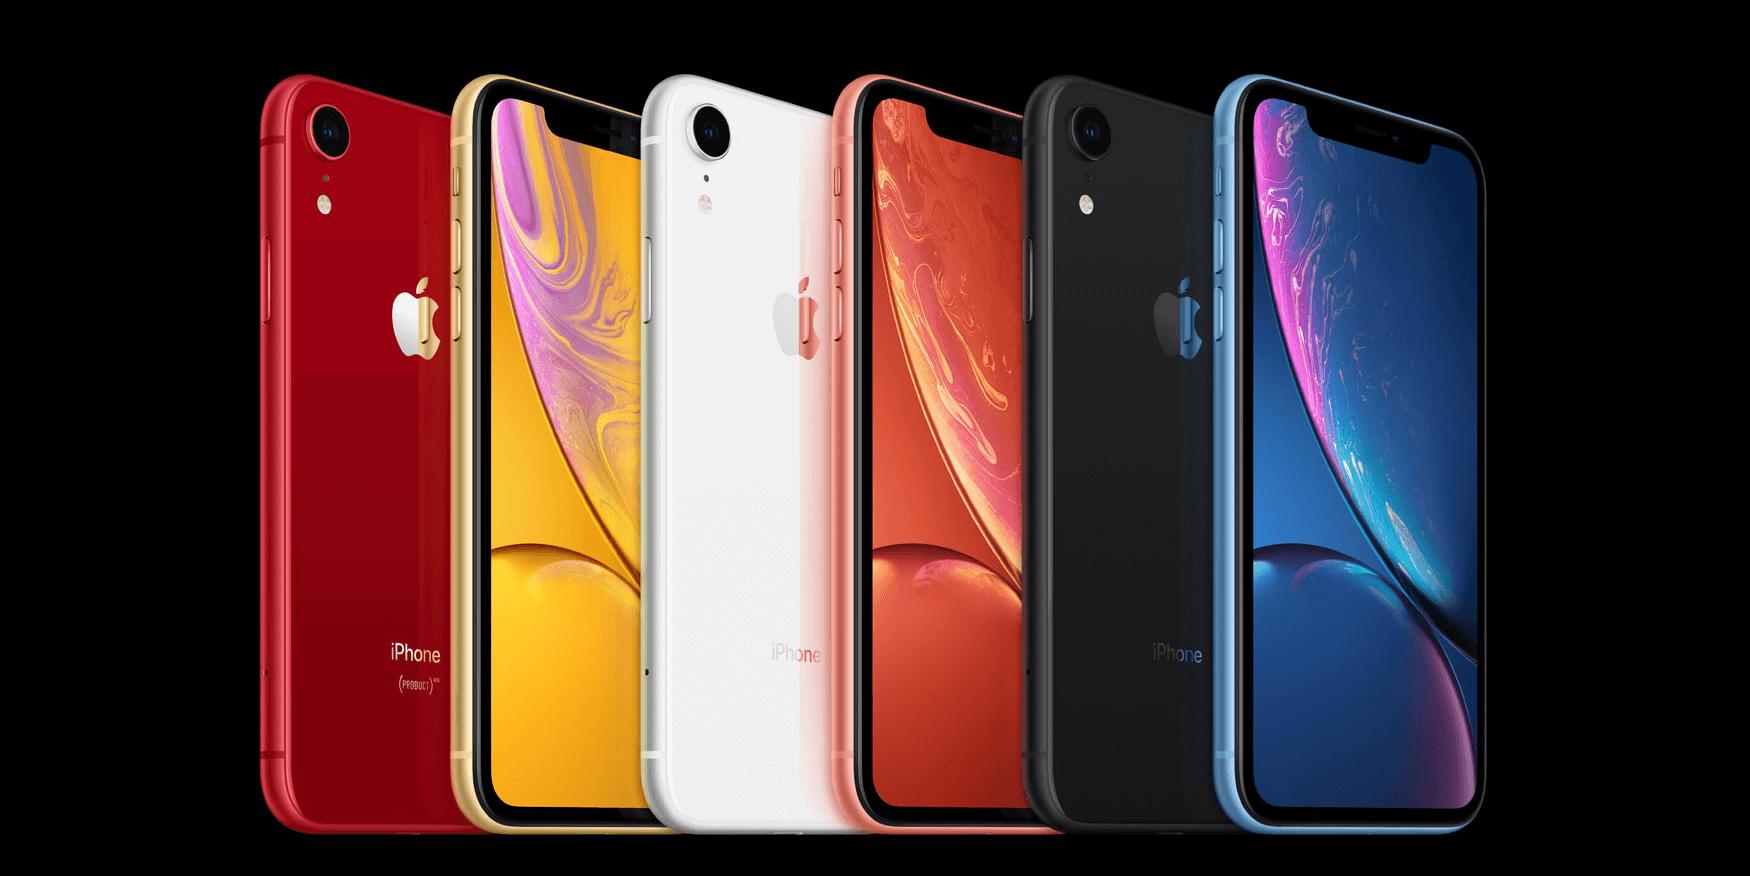 iPhone XRのカラーバリエーション画像